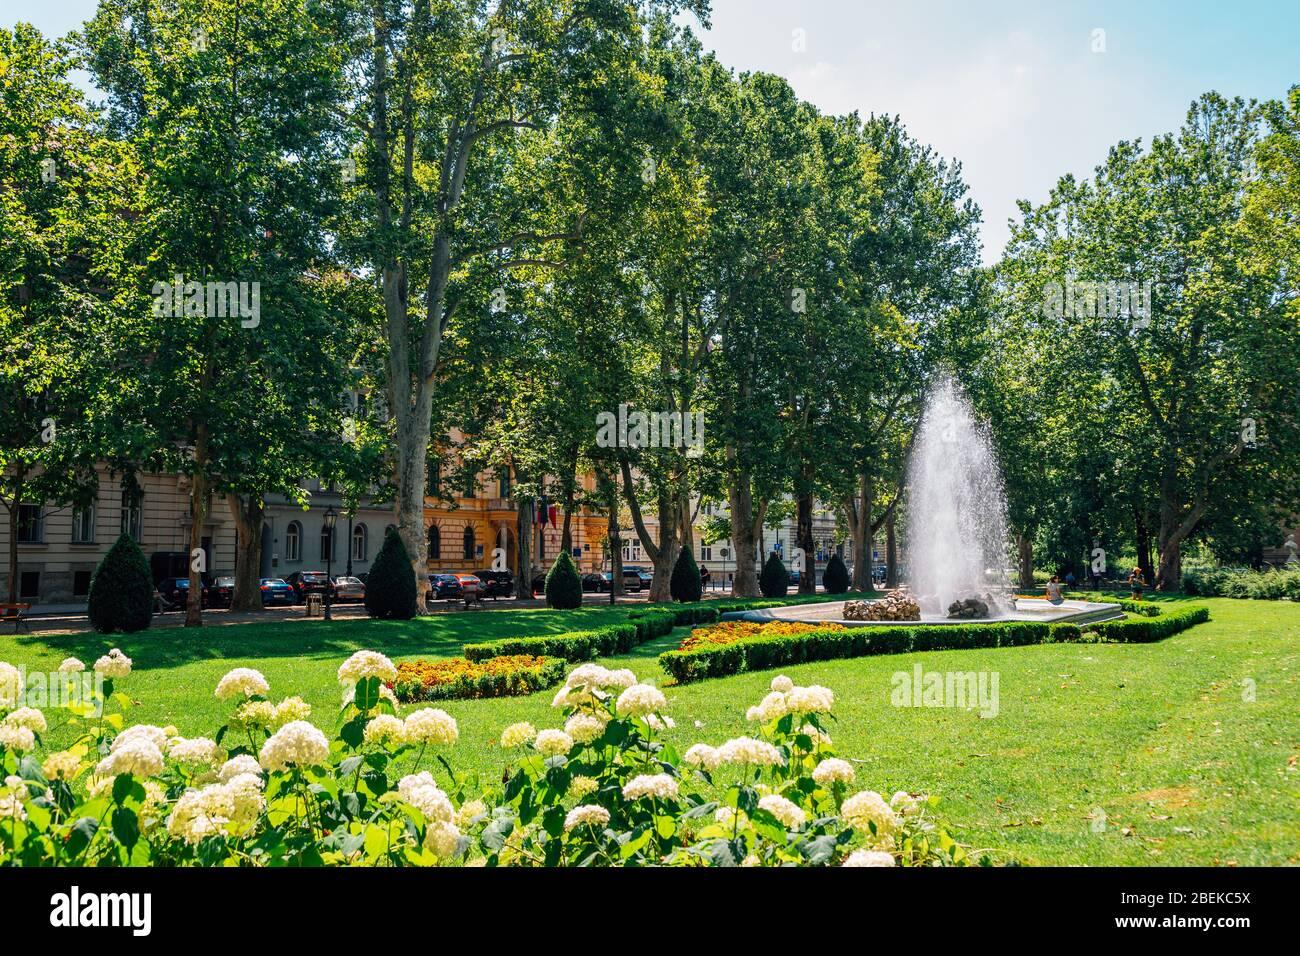 Zrinjevac Park At Summer In Zagreb Croatia Stock Photo Alamy